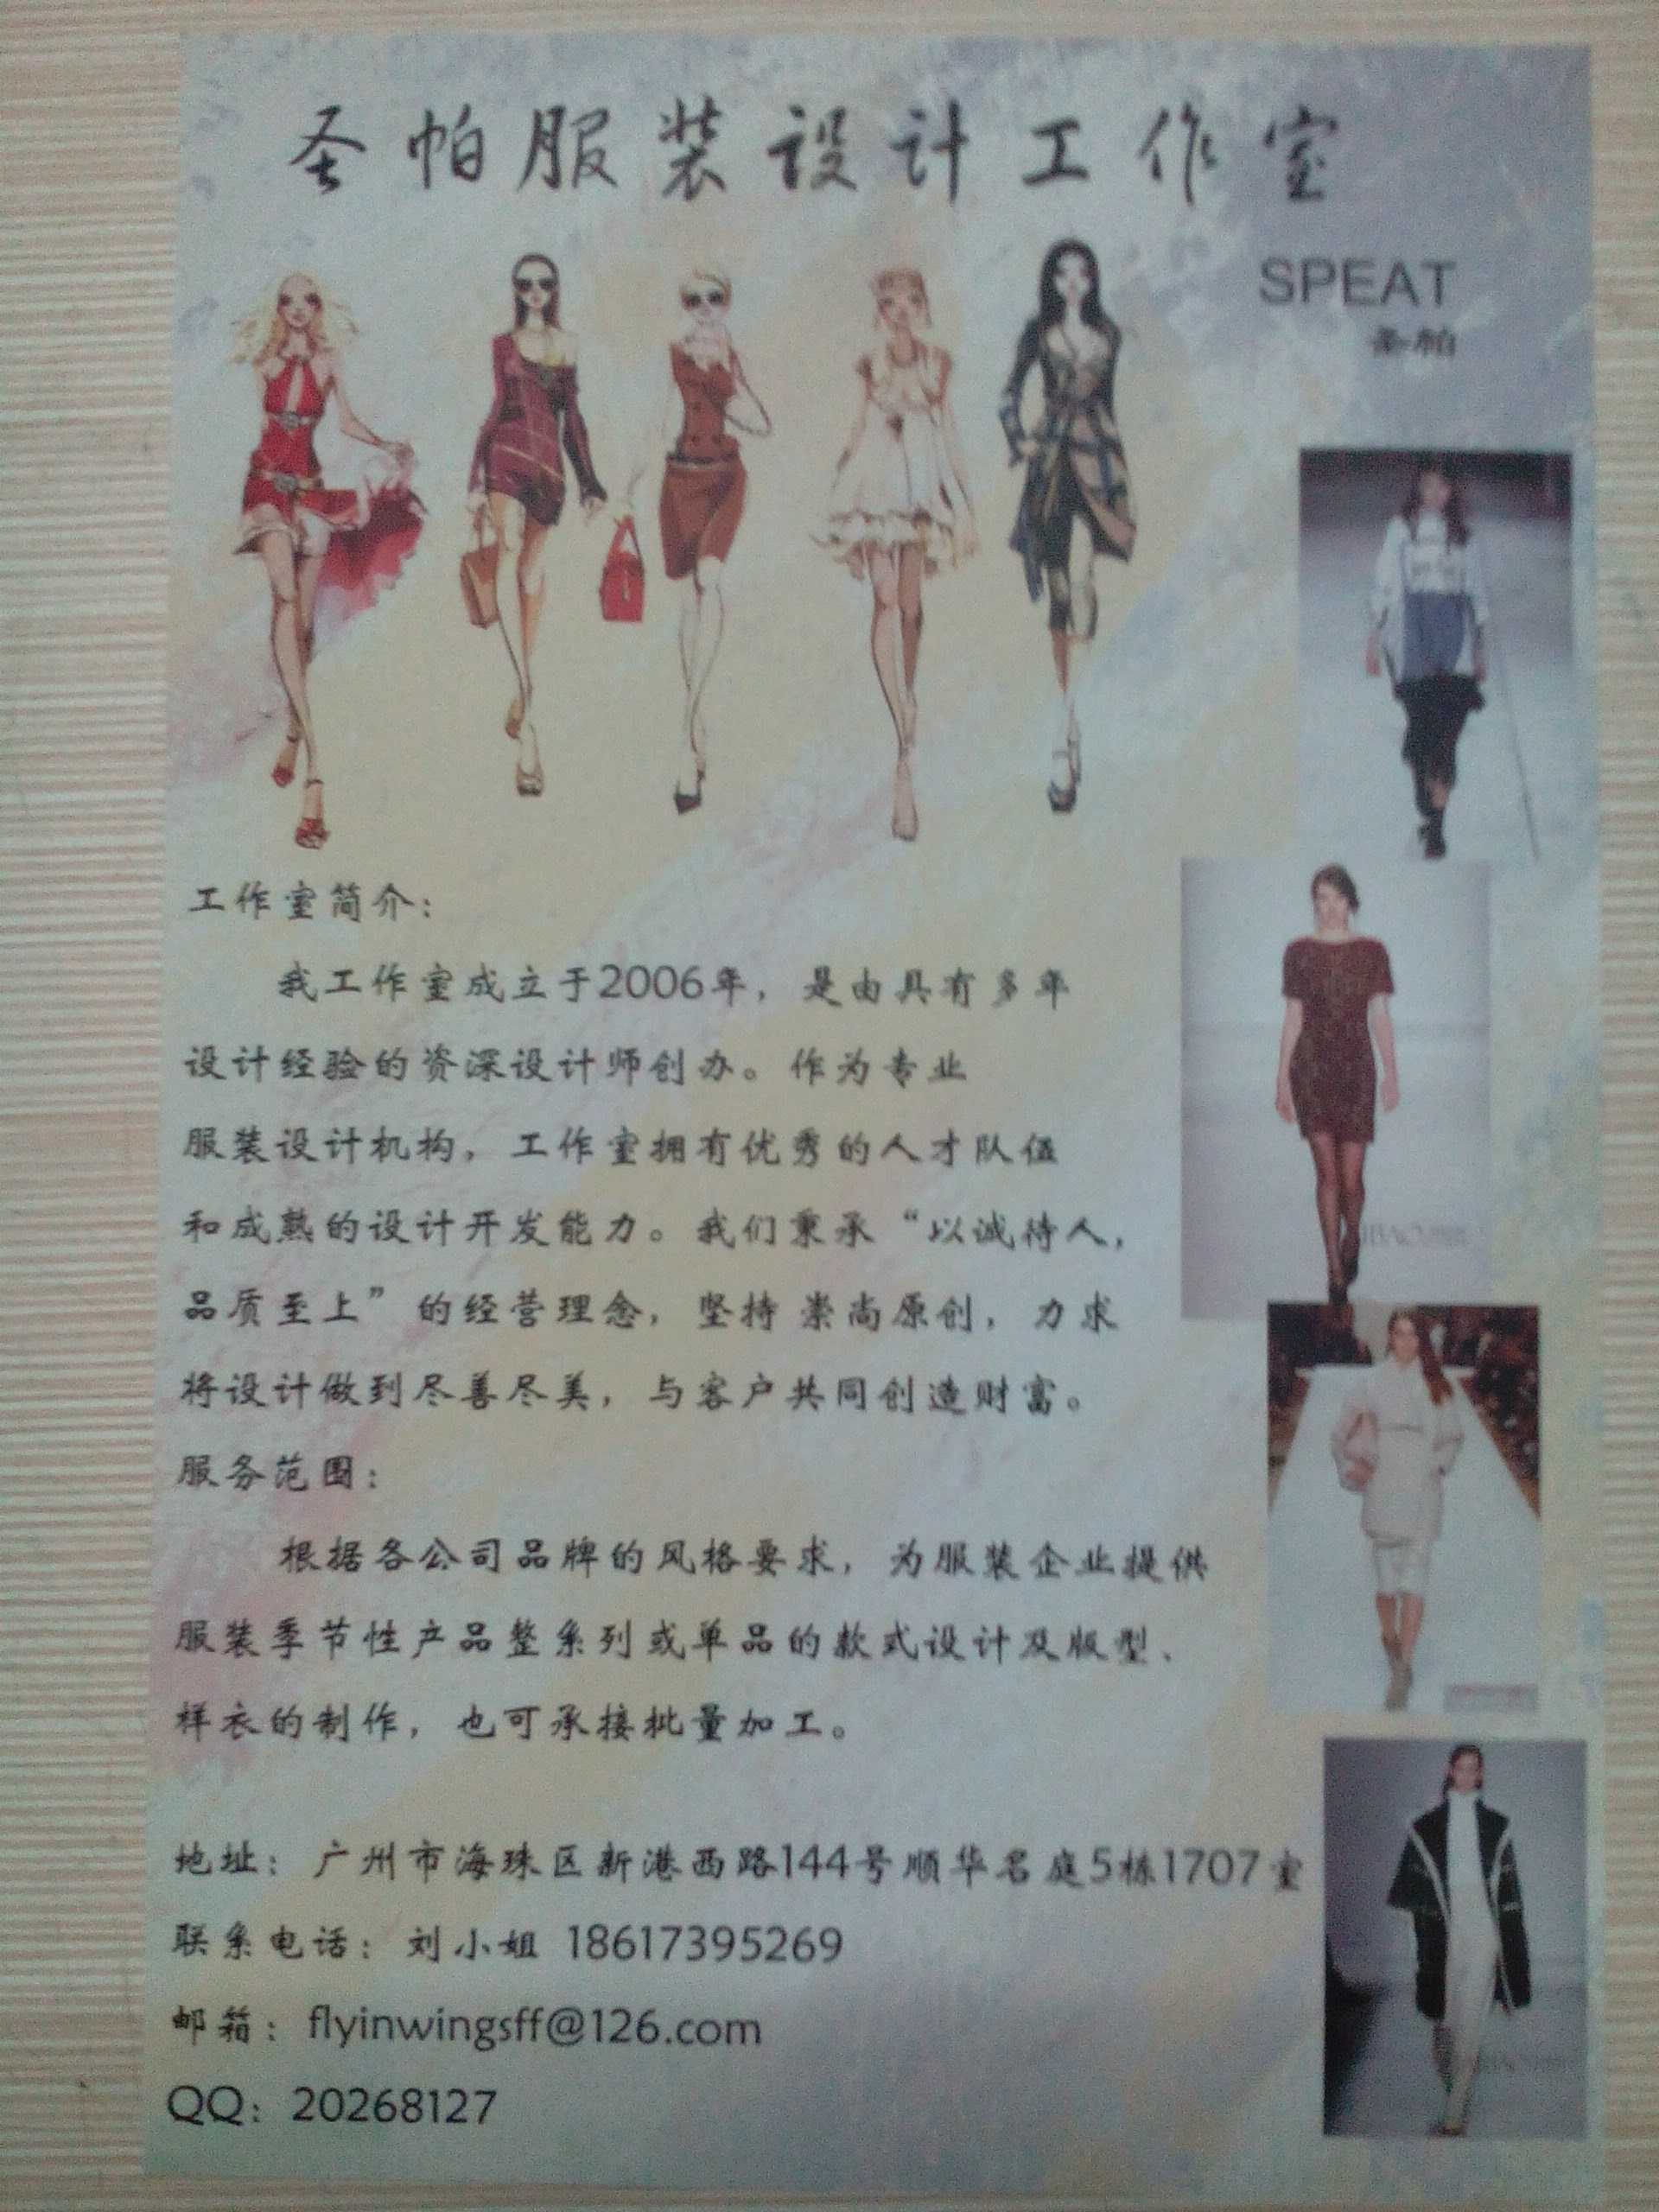 圣帕服装设计工作室诚邀加盟合作商